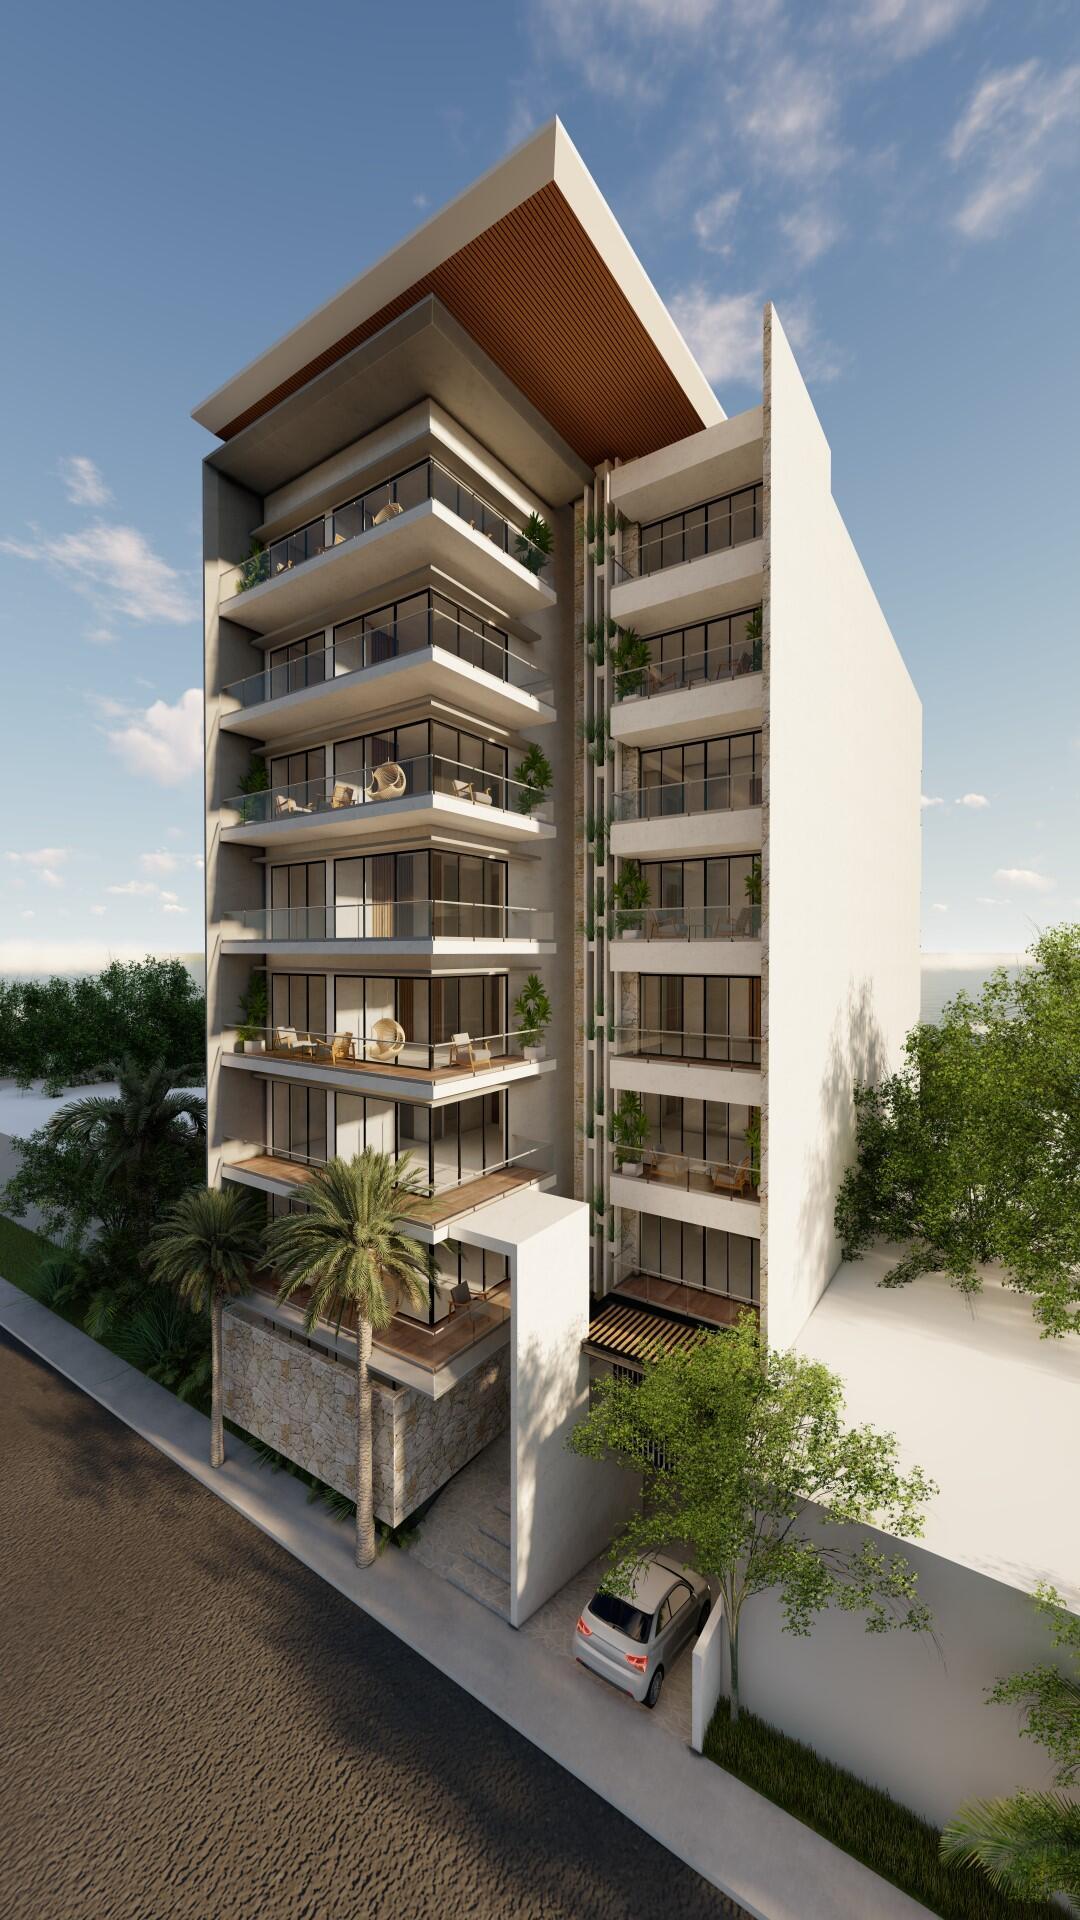 Bucerias, 2 Bedrooms Bedrooms, ,2.5 BathroomsBathrooms,Condo,For Sale,Playa Destiladeras,21524